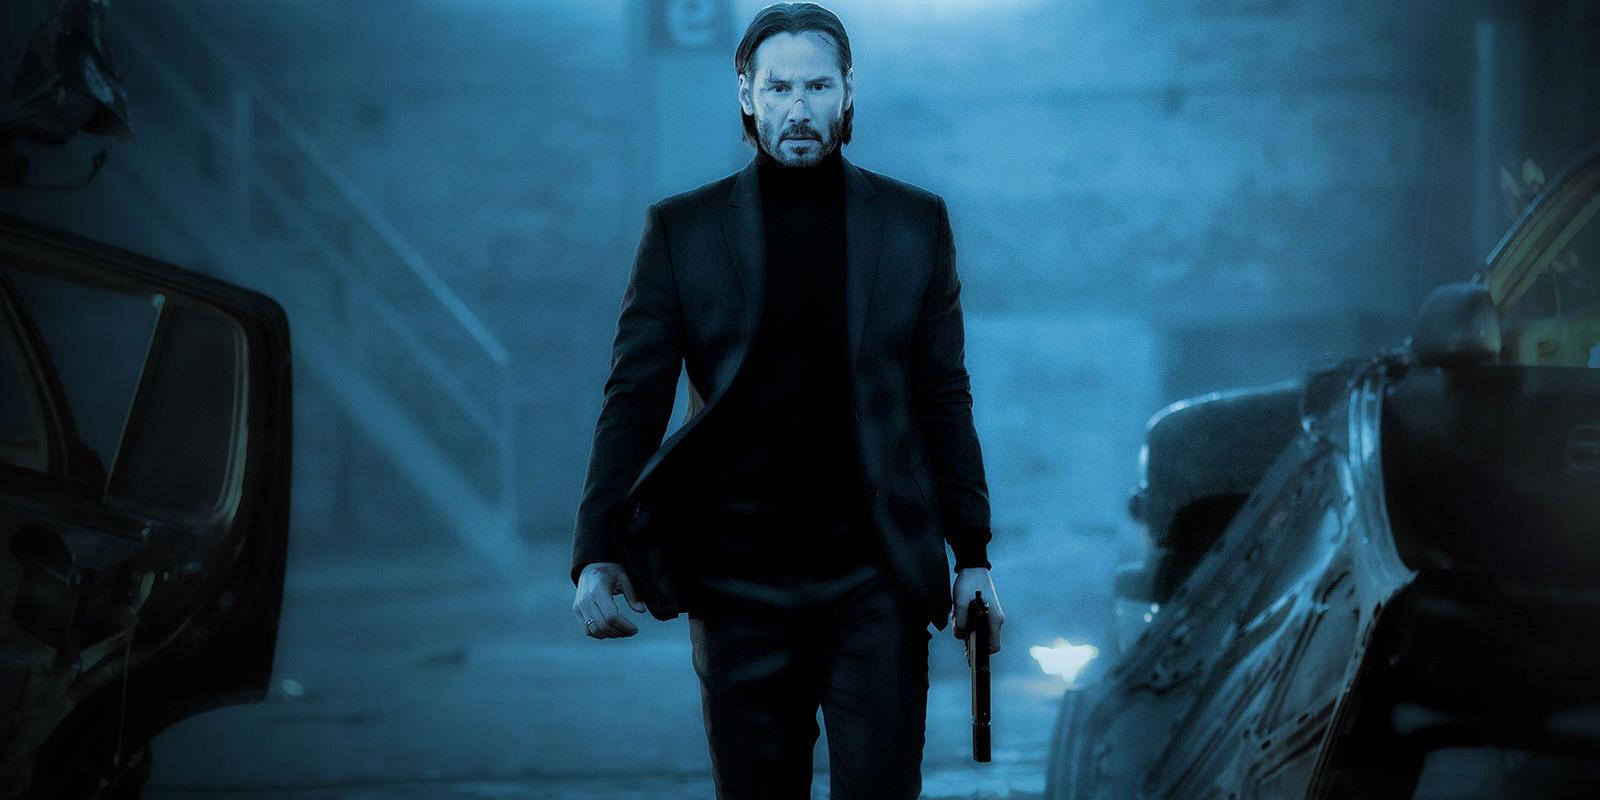 John Wick John Wick 2 Keanu Reeves Offers Story Details